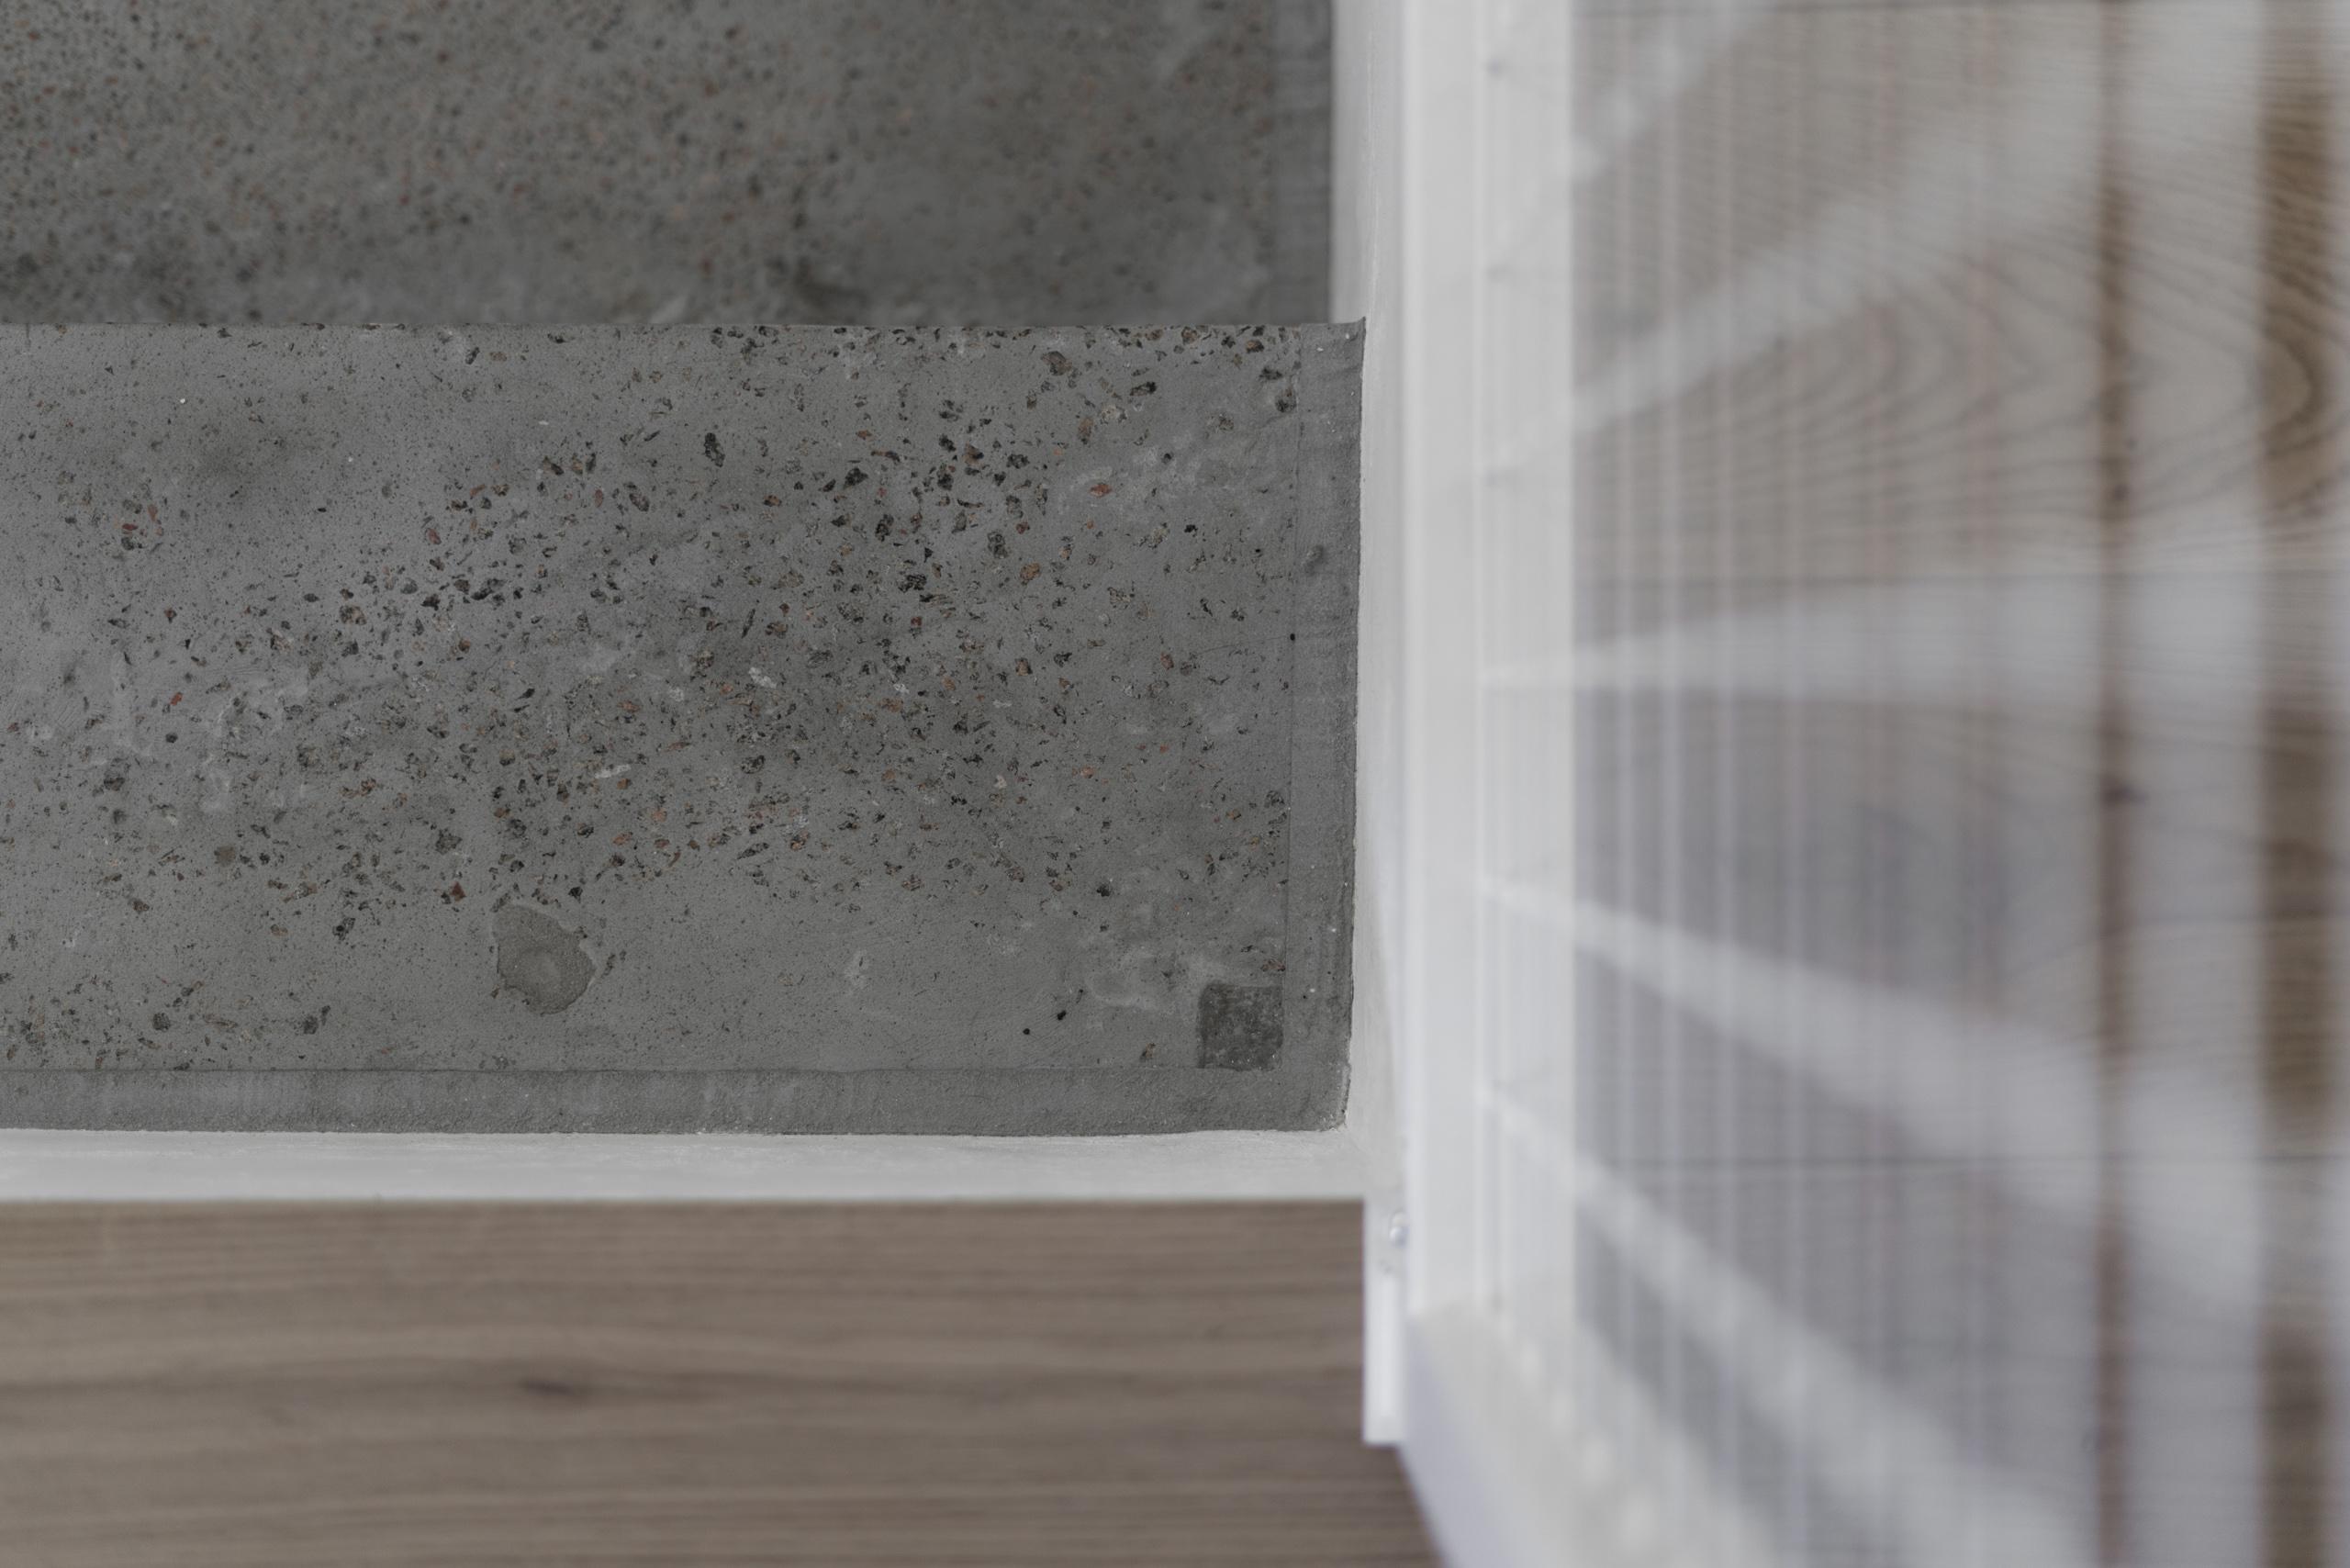 Фотосъемка интерьера лестницы из бетона крупным планом